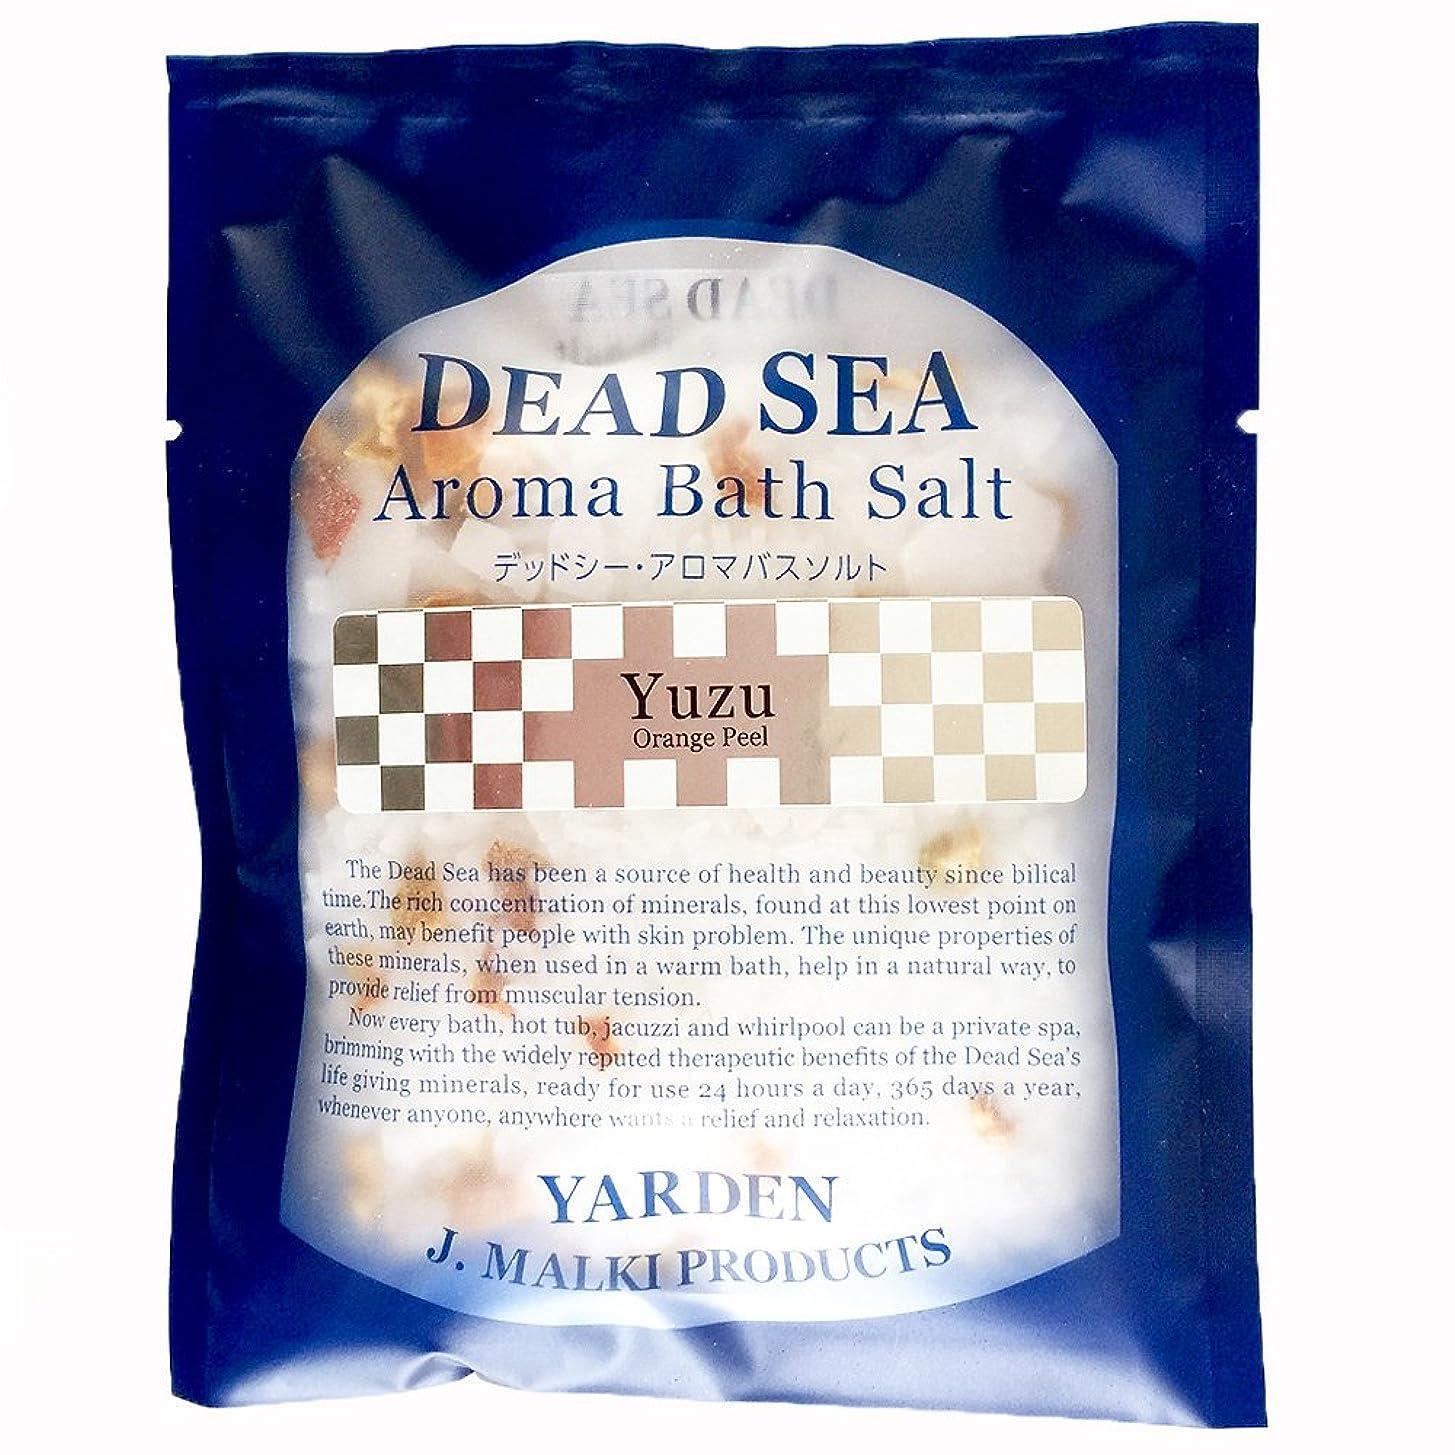 ハウジングペルー本物デッドシー?アロマバスソルト/ユズ 80g 【DEAD SEA AROMA BATH SALT】死海の塩+精油+ハーブ/入浴剤(入浴用化粧品)【正規販売店】